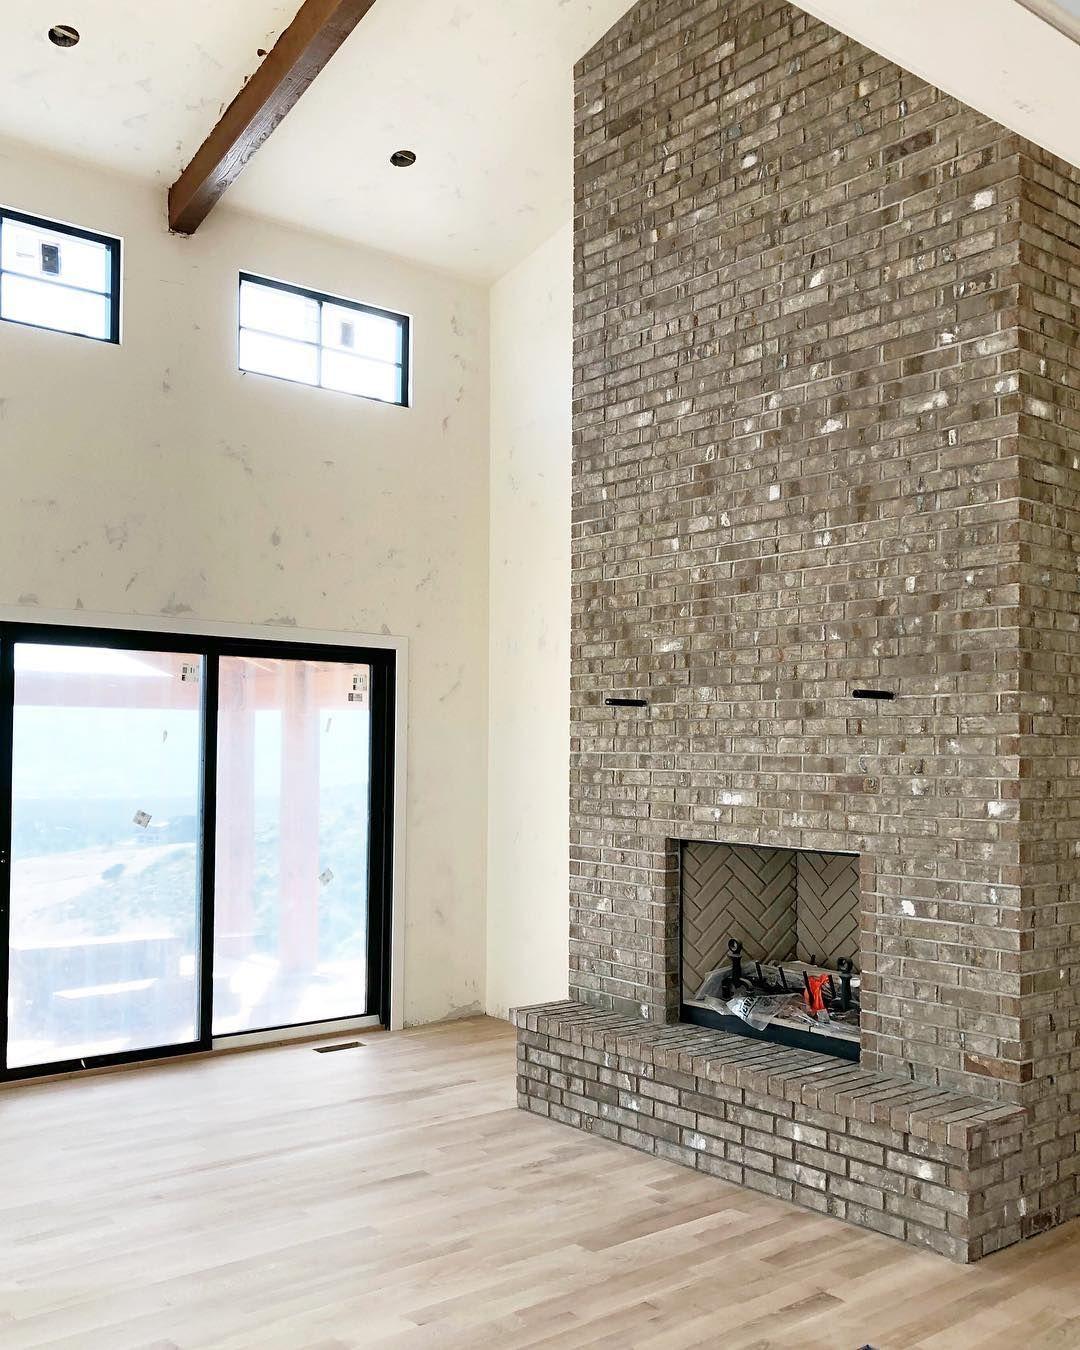 Design interior blog interior design 1000 sq ft apartment design interior indonesia design interior for office